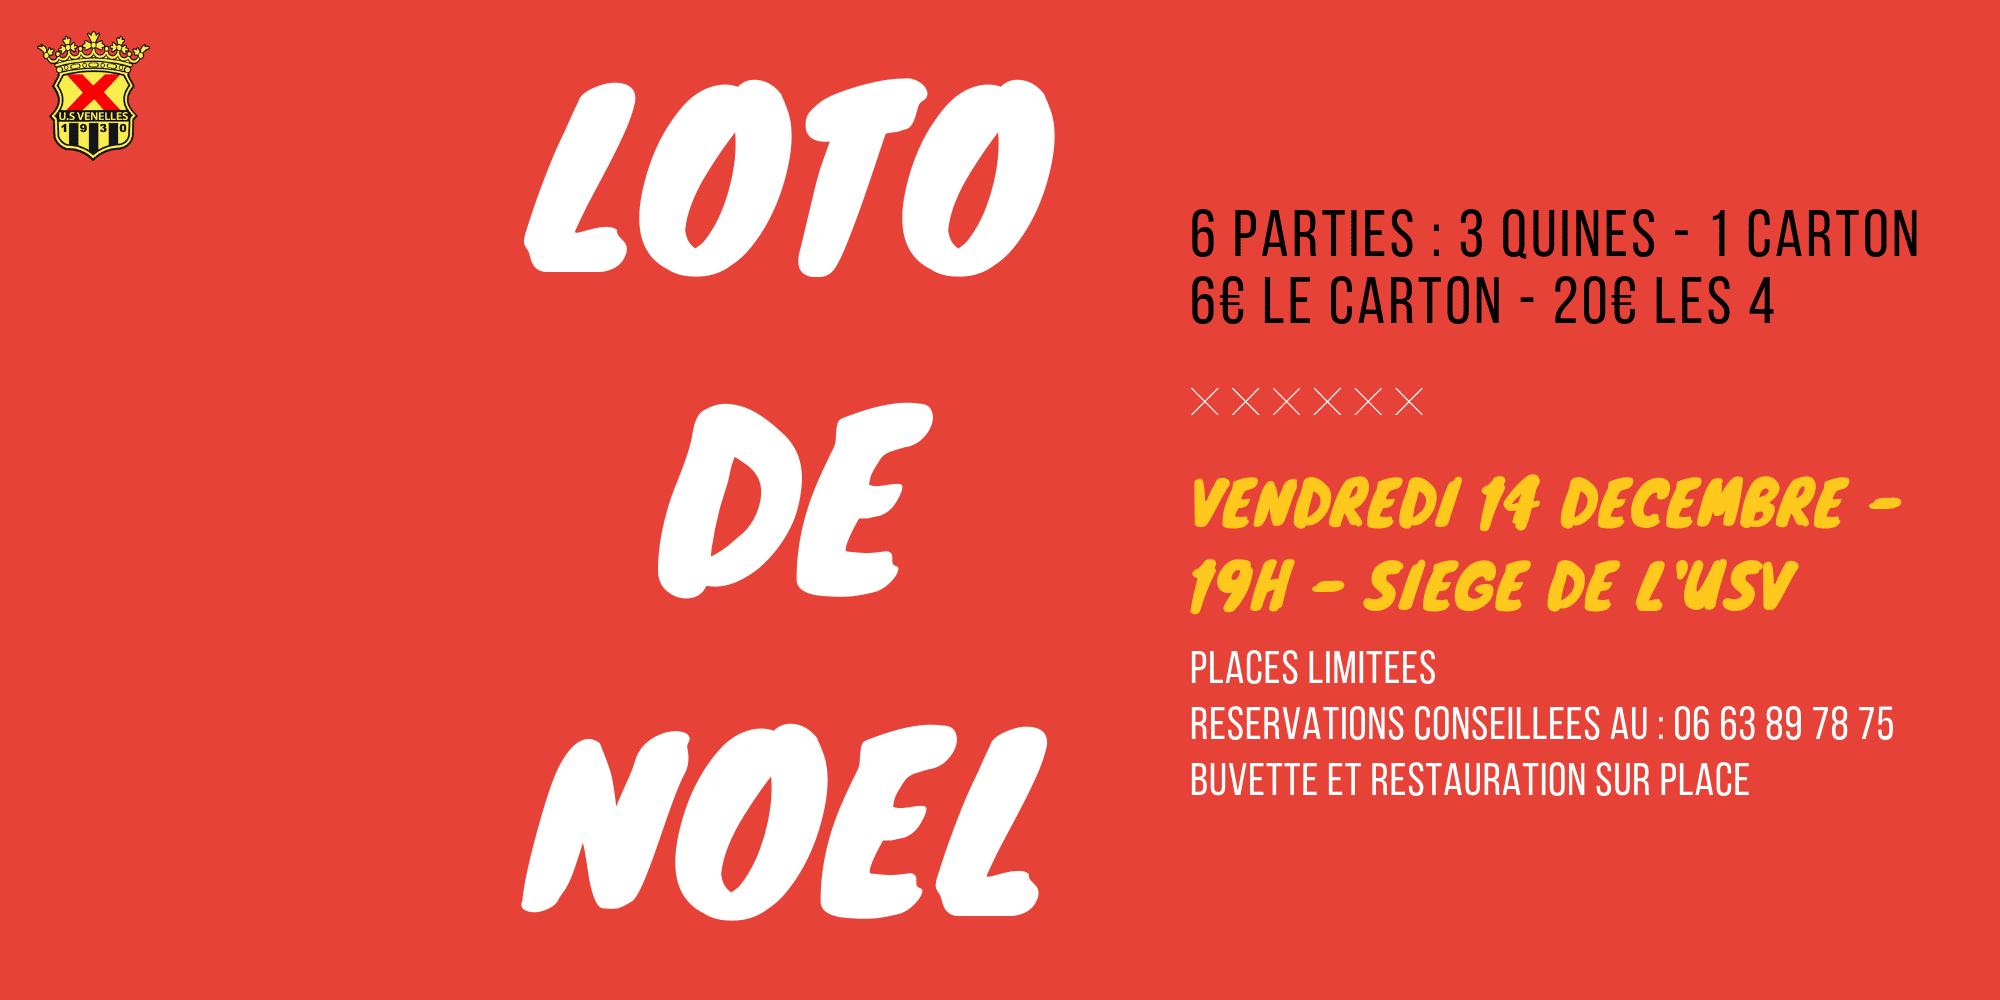 Loto de Noël USV (14 Décembre 2018)